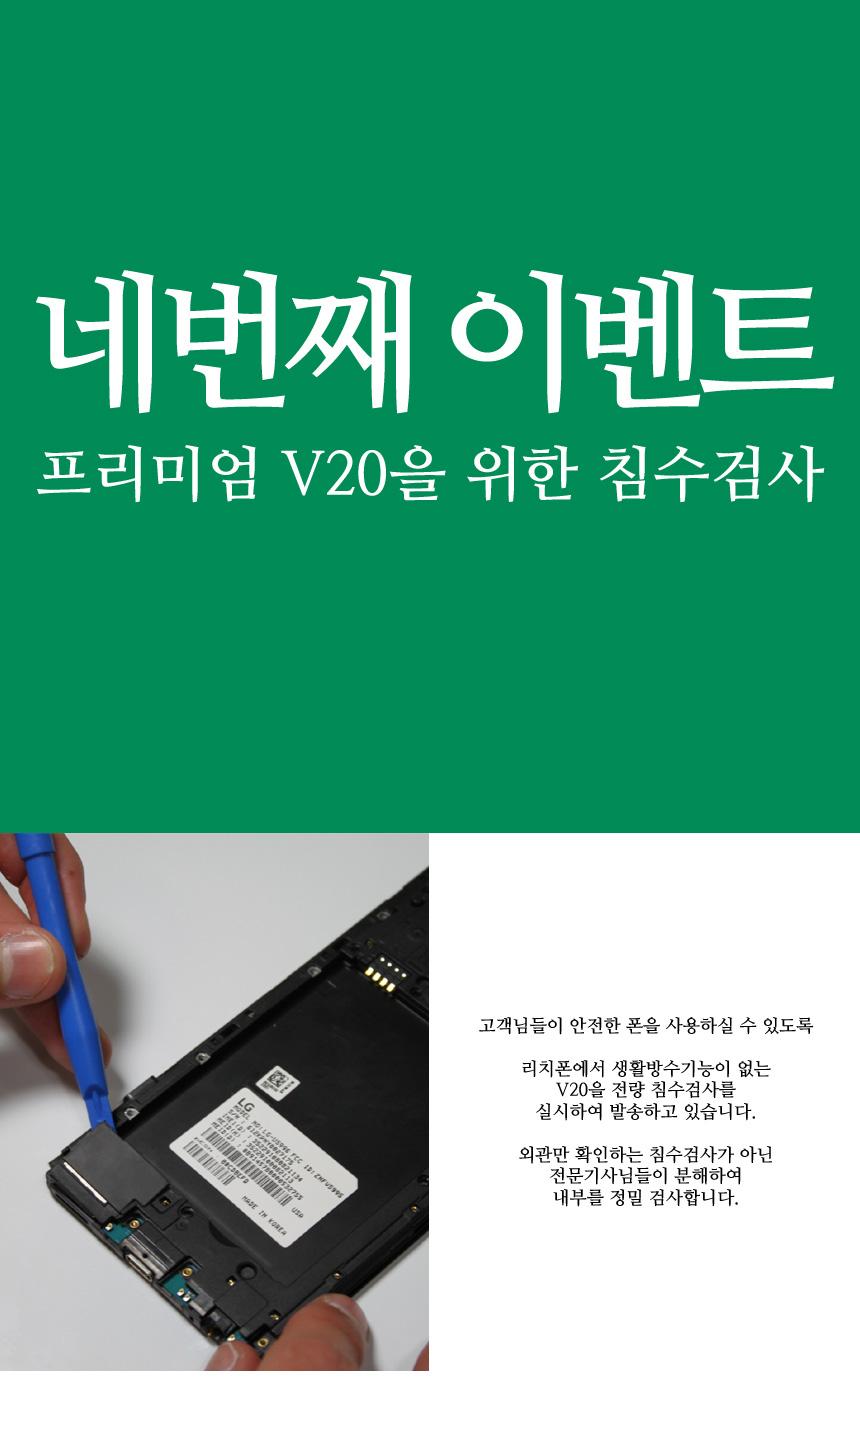 V20-event-4.jpg